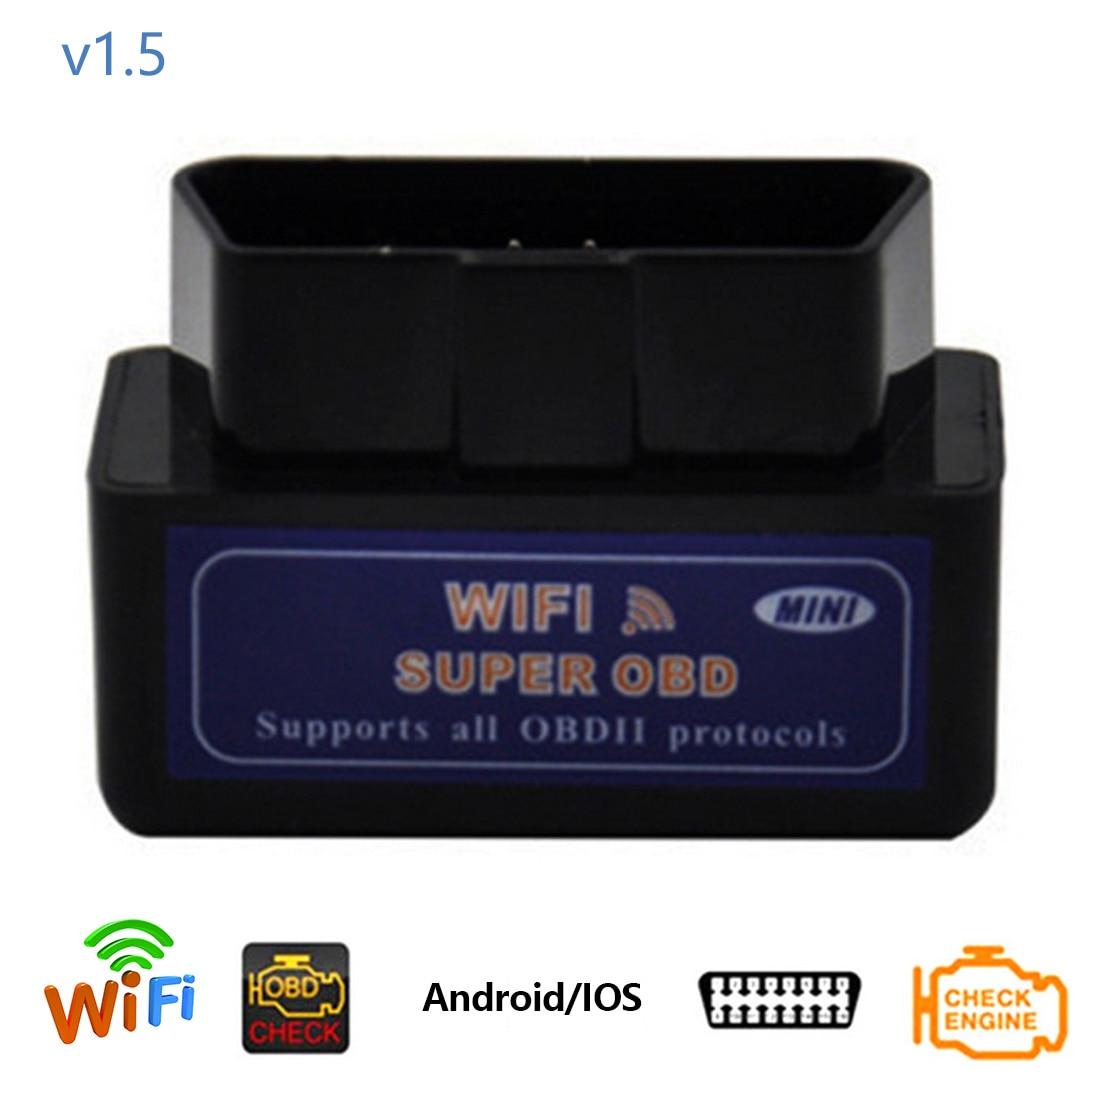 Dewtreetali OBDII ELM327 WIFI PIC18F25K80 Puce V1.5 Logiciel Pour iOS/Android Voiture Lecteur de Code OBD 2 Outil De Diagnostic Scanner